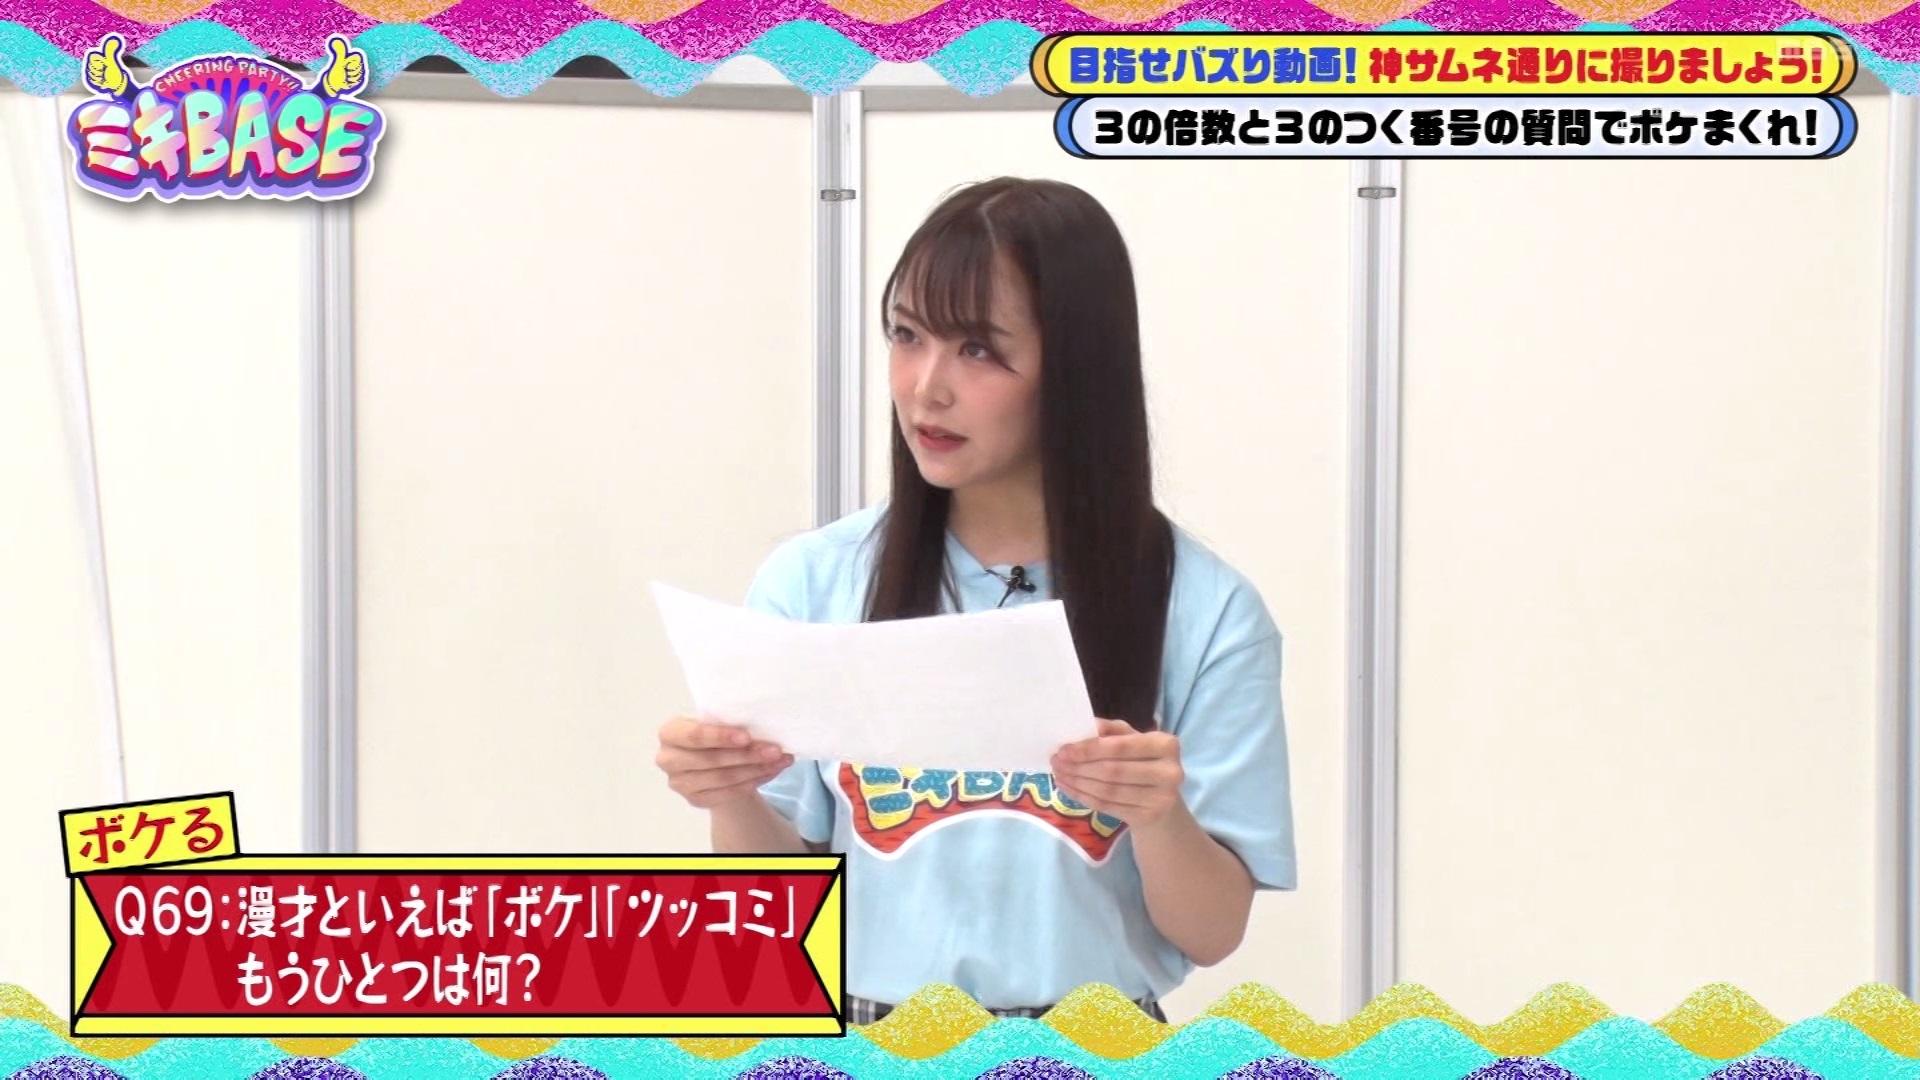 【白間美瑠】みるるん出演 7月15日に放送された「ミキBASE」#16の画像